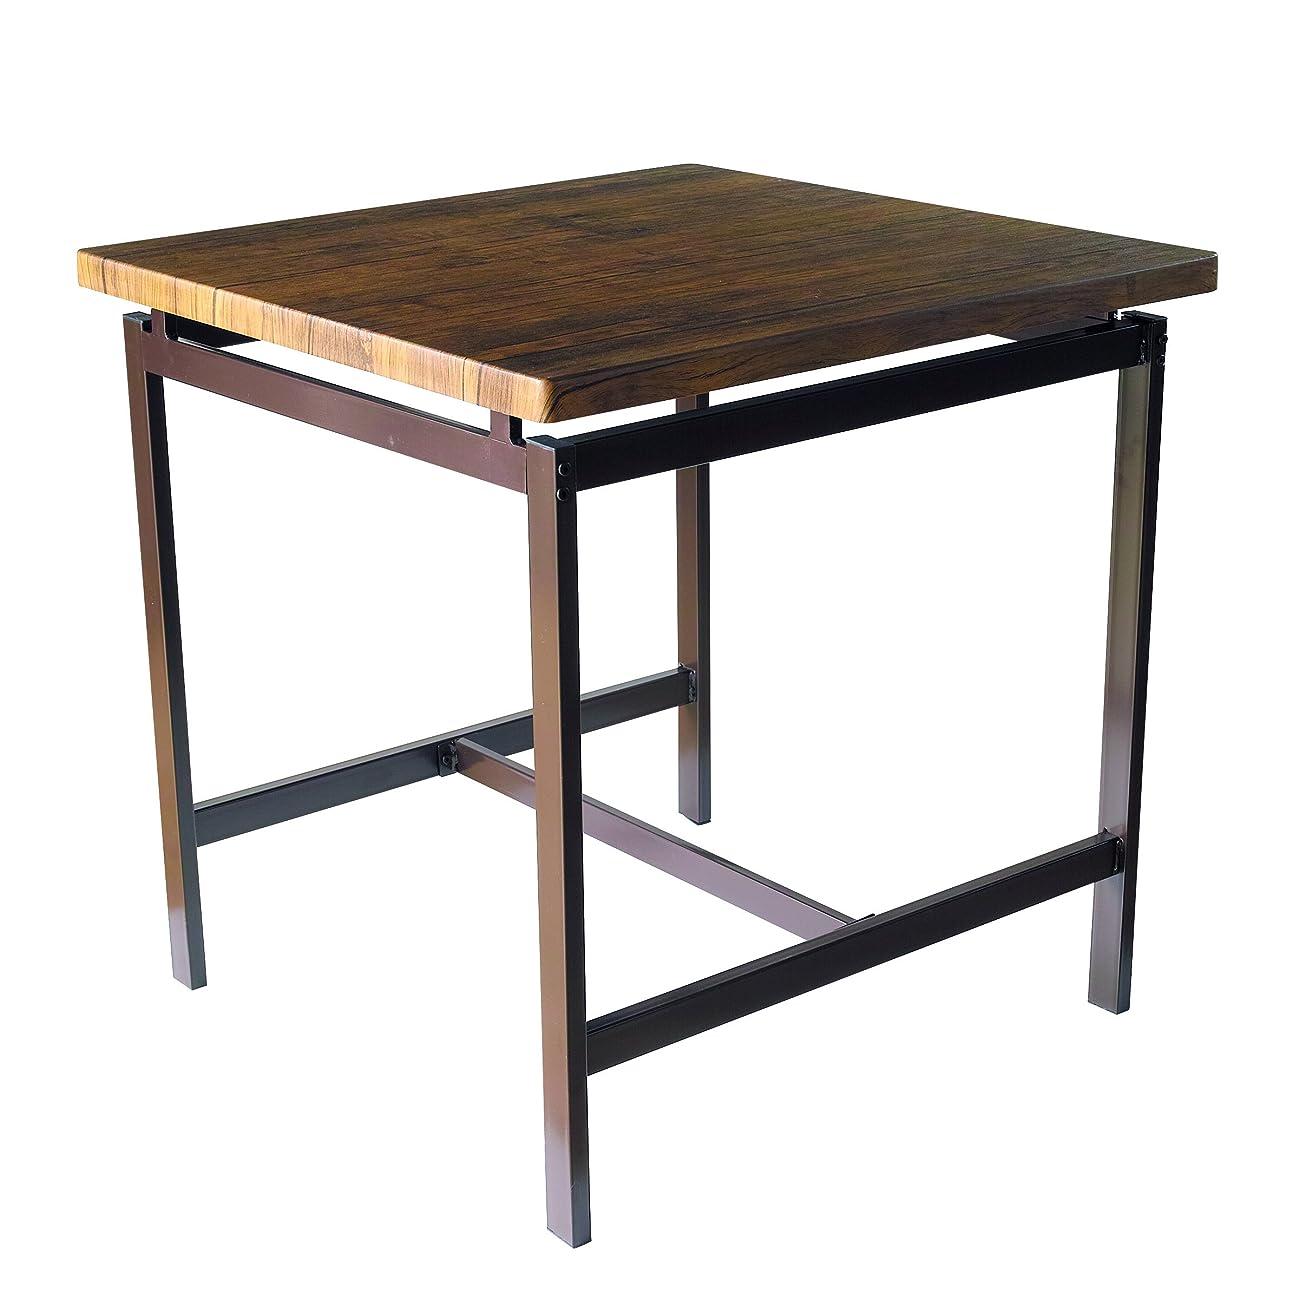 前兆ワークショップデッキ鉄脚 ダイニングテーブル